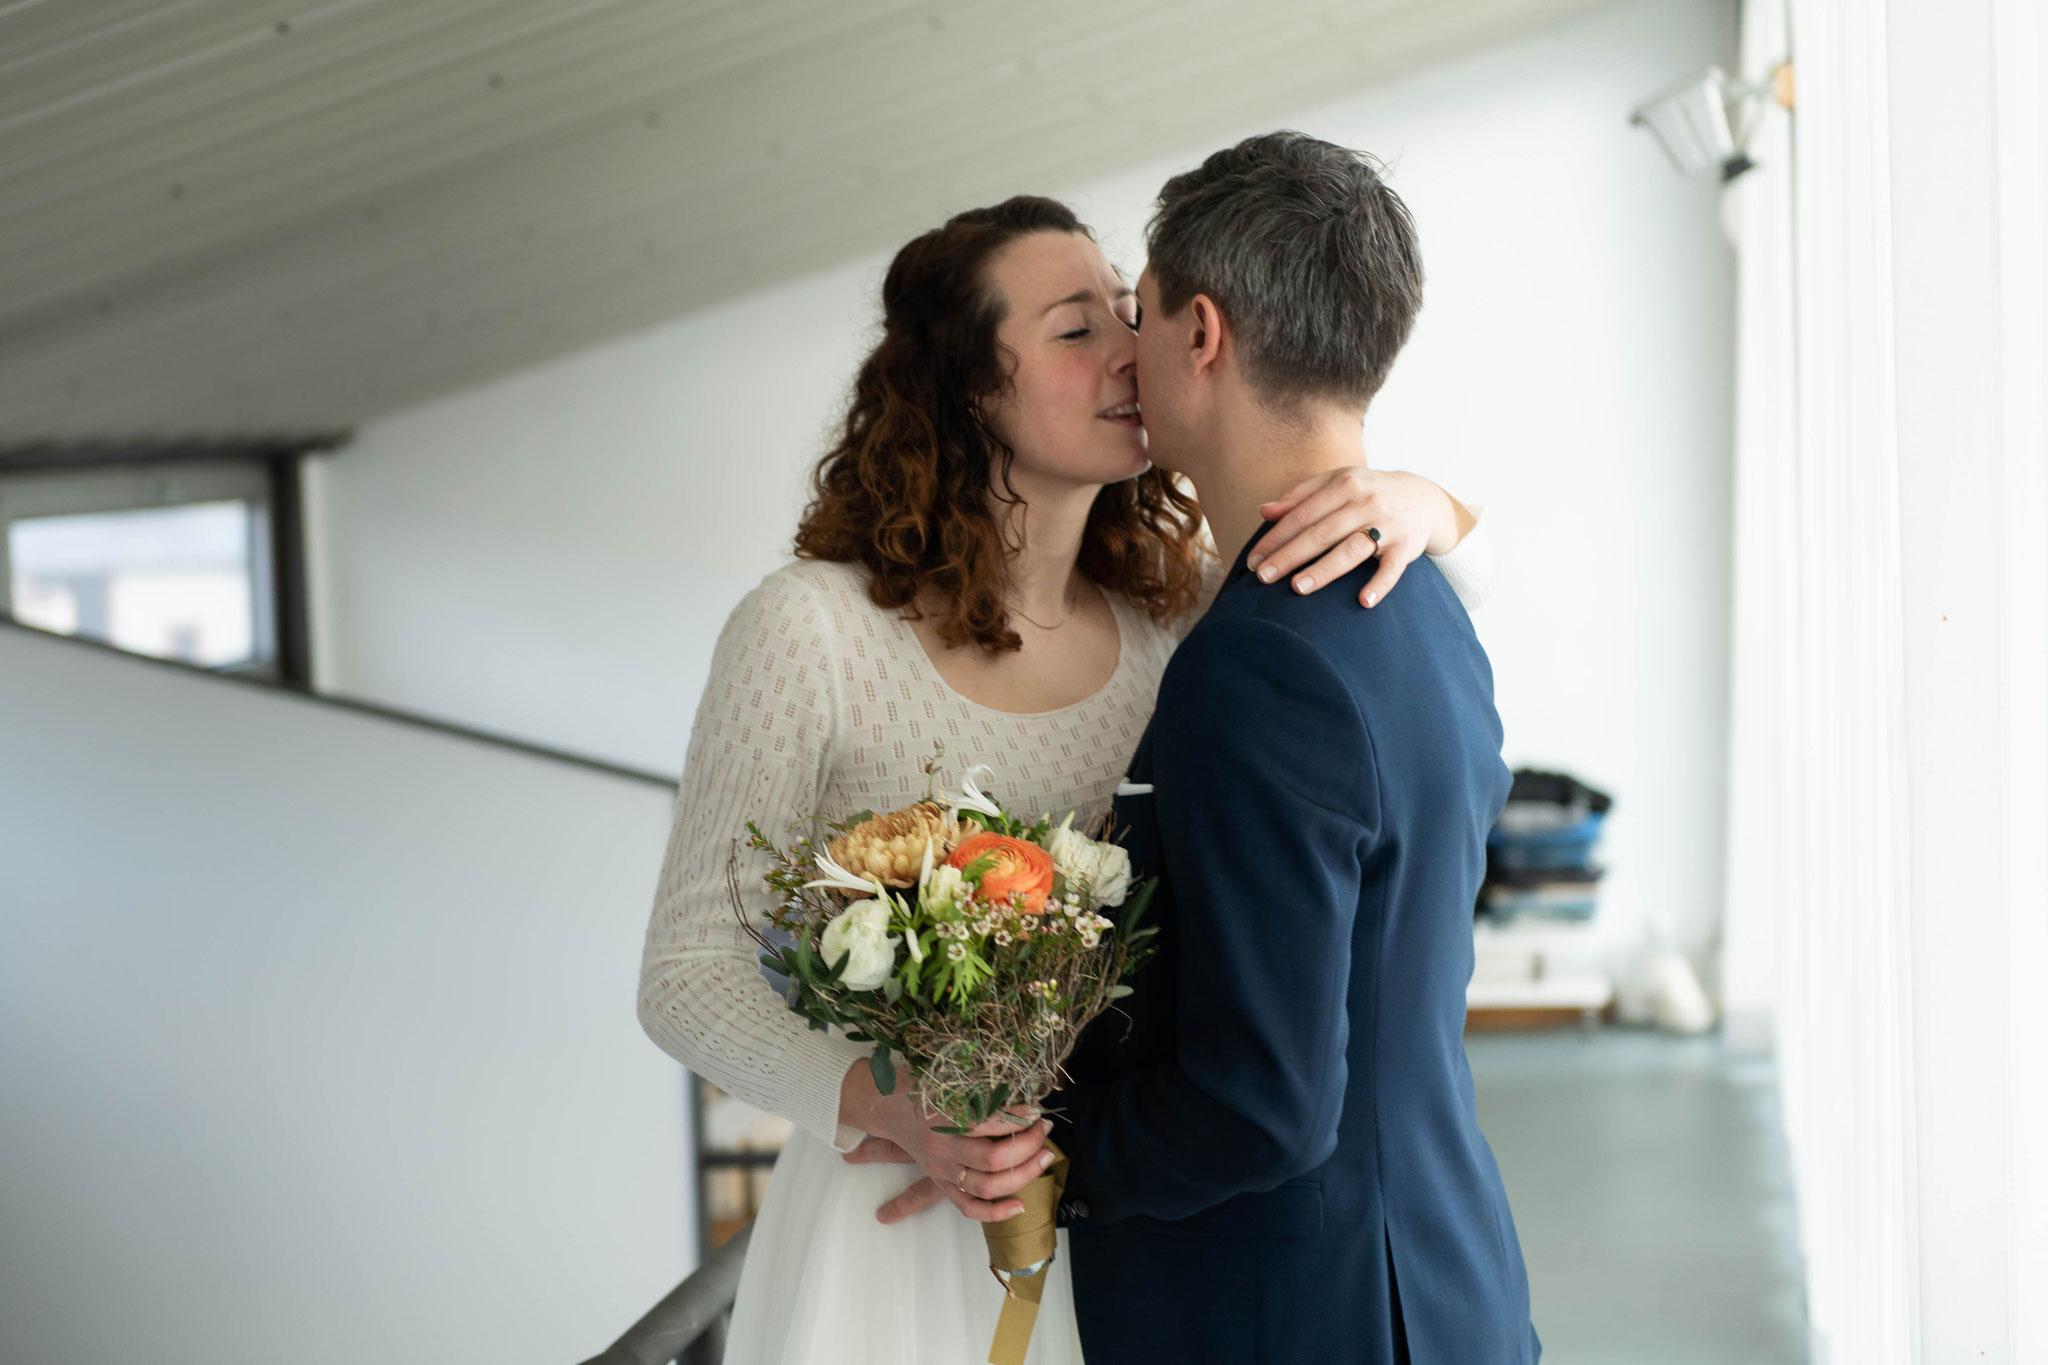 Fotograf für Brautpaar Shooting gesucht